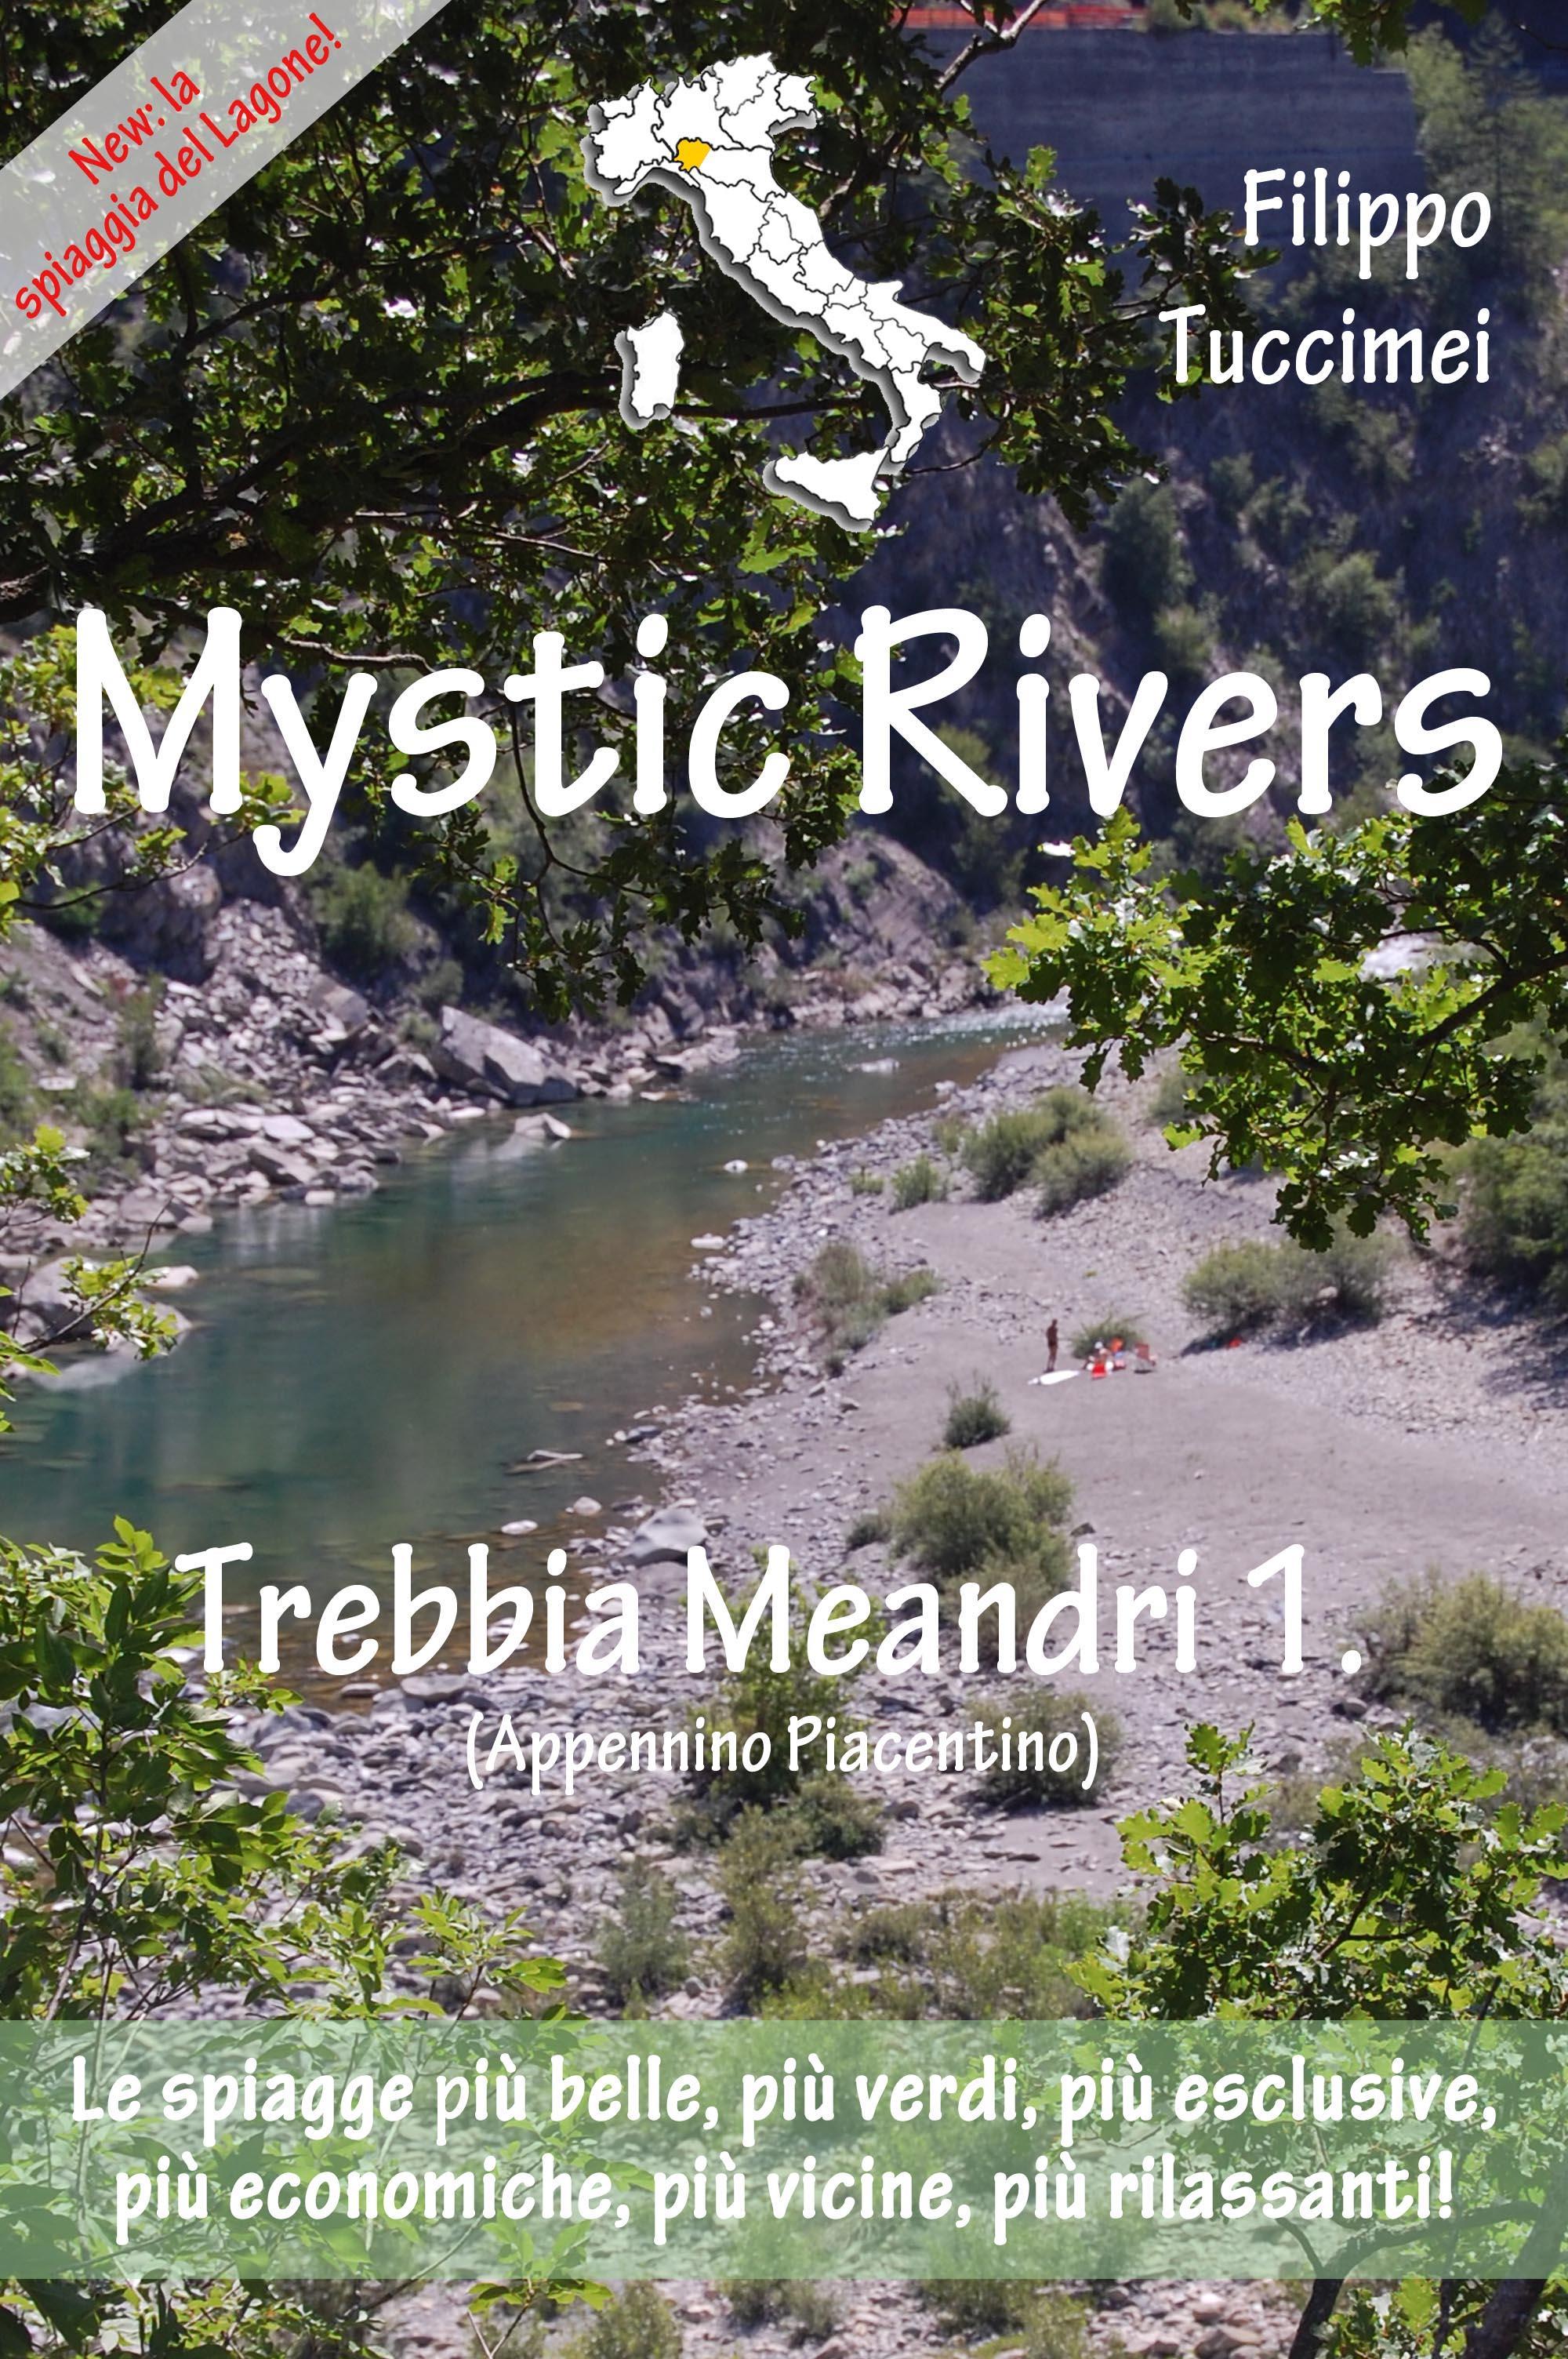 Mystic Rivers - Trebbia, Meandri 1. (Appennino Piacentino)